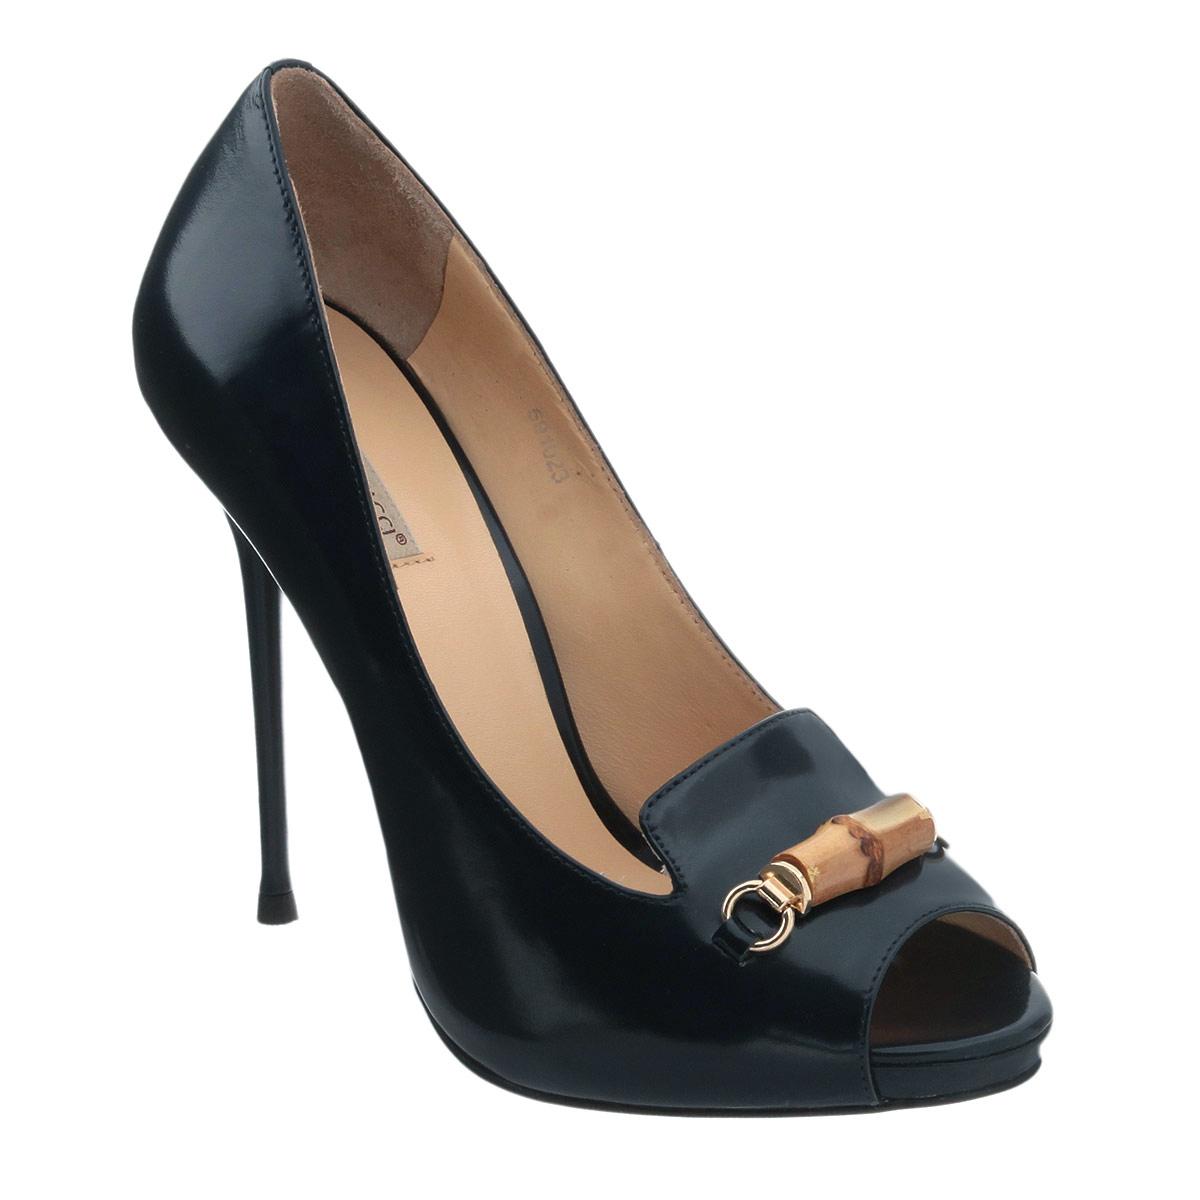 Туфли женские. 59102591021Модные женские туфли Vitacci, стилизованные под лоферы, заинтересуют вас своим дизайном. Модель выполнена из натуральной высококачественной кожи. Мыс туфель оформлен металлическим украшением оригинальной формы со вставкой из бамбука. Открытый носок добавляет женственности в образ. Верх изделия дополнен небольшими вырезами. Подкладка и стелька из натуральной кожи обеспечивают комфорт при движении. Ультравысокий каблук-шпилька компенсирован скрытой платформой. Подошва дополнена противоскользящим рифлением. Роскошные туфли помогут вам создать элегантный образ.